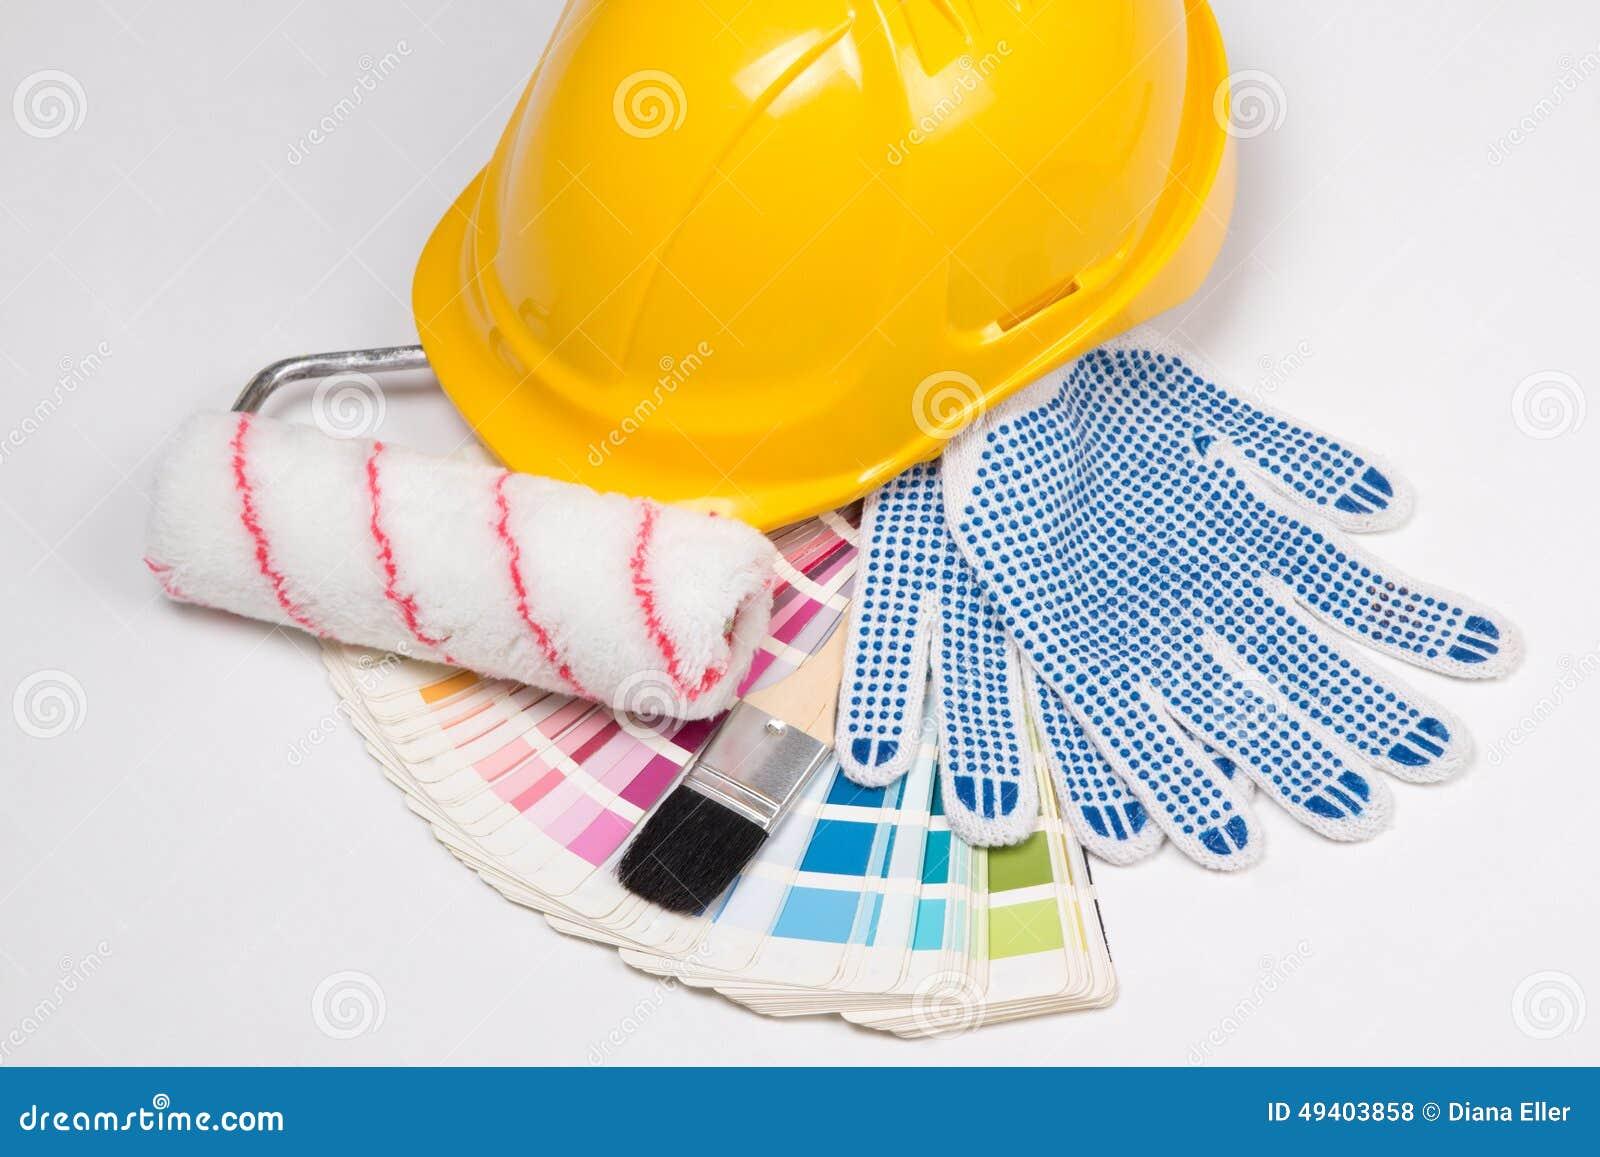 Download Die Werkzeuge Des Malers - Bürsten, Arbeitshandschuhe, Gelber Sturzhelm Und Colorf Stockfoto - Bild von konzept, haus: 49403858